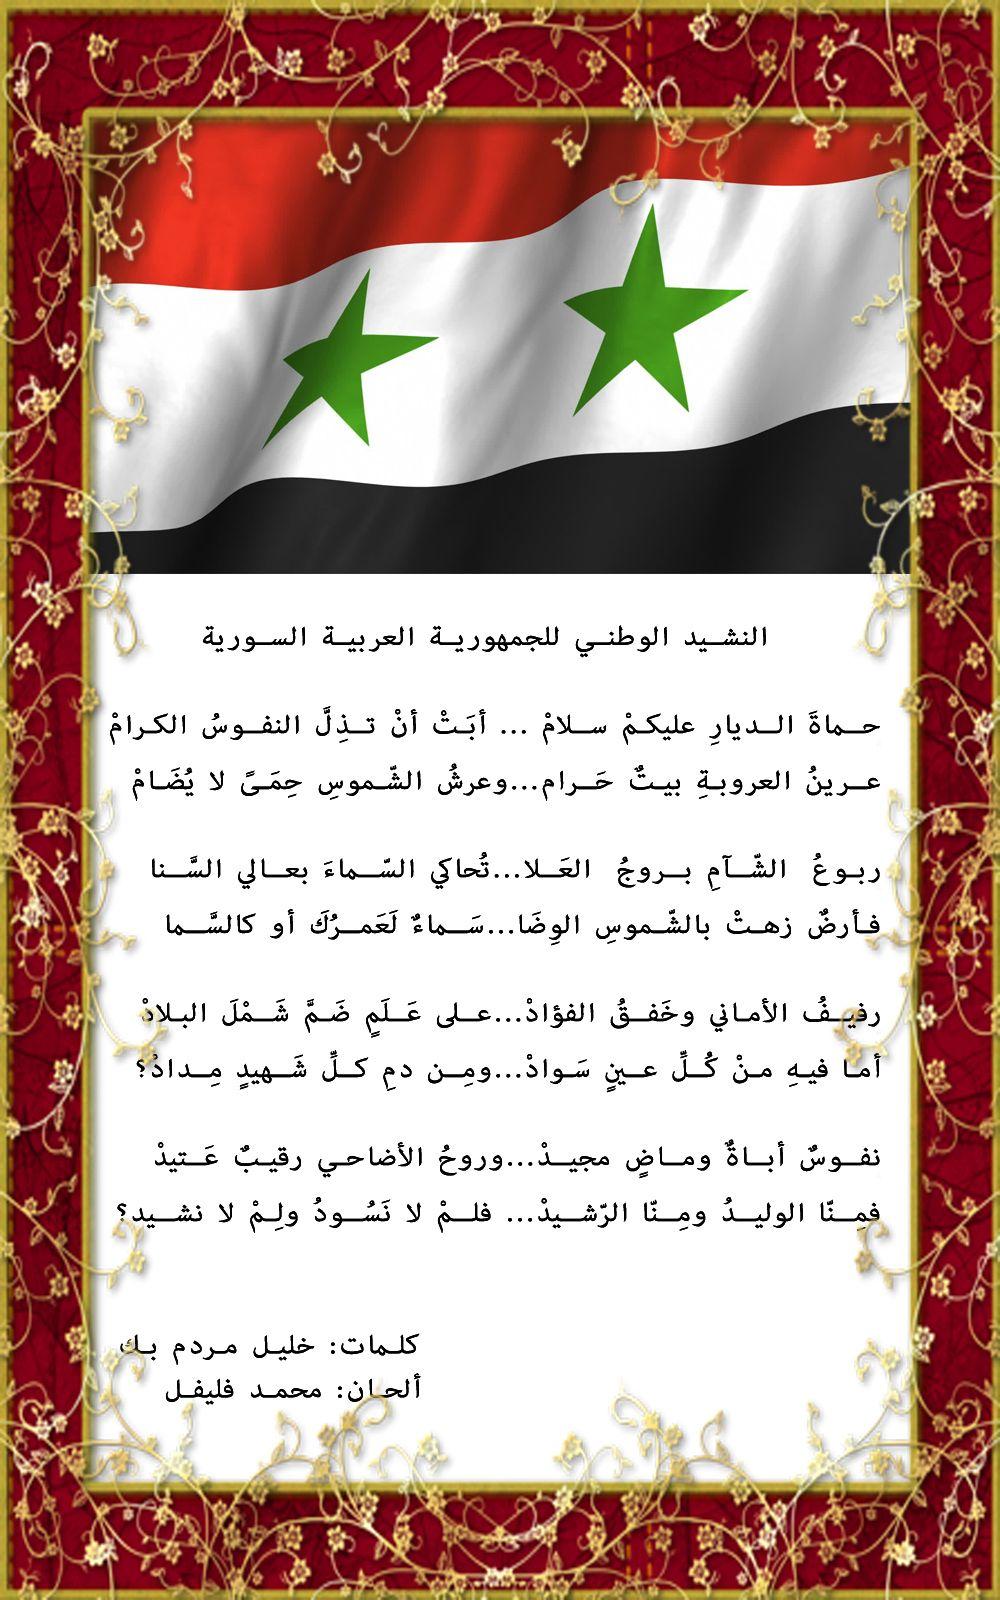 النشيد الوطني للجمهورية العربية السورية Syria Flag Syria Country Flags